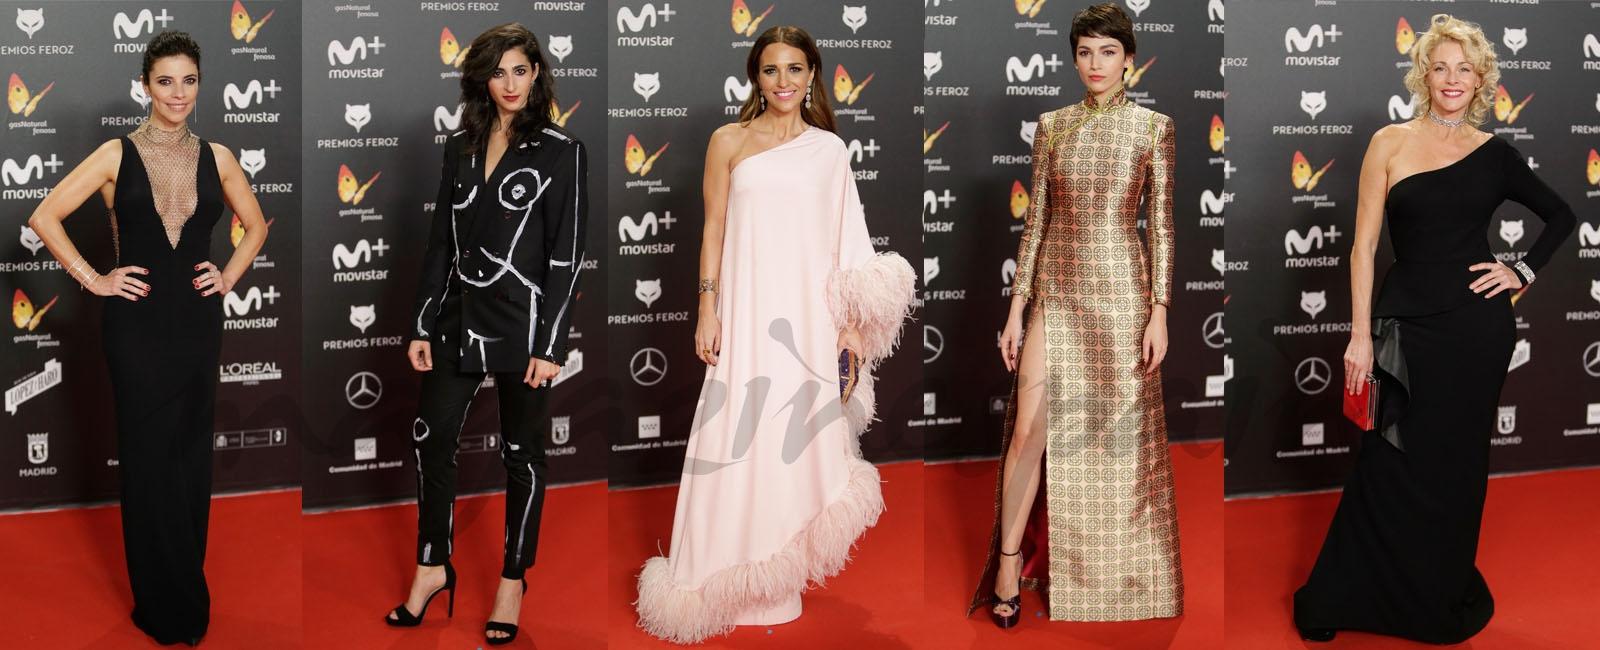 Los mejores looks de la alfombra roja de los Premios Feroz